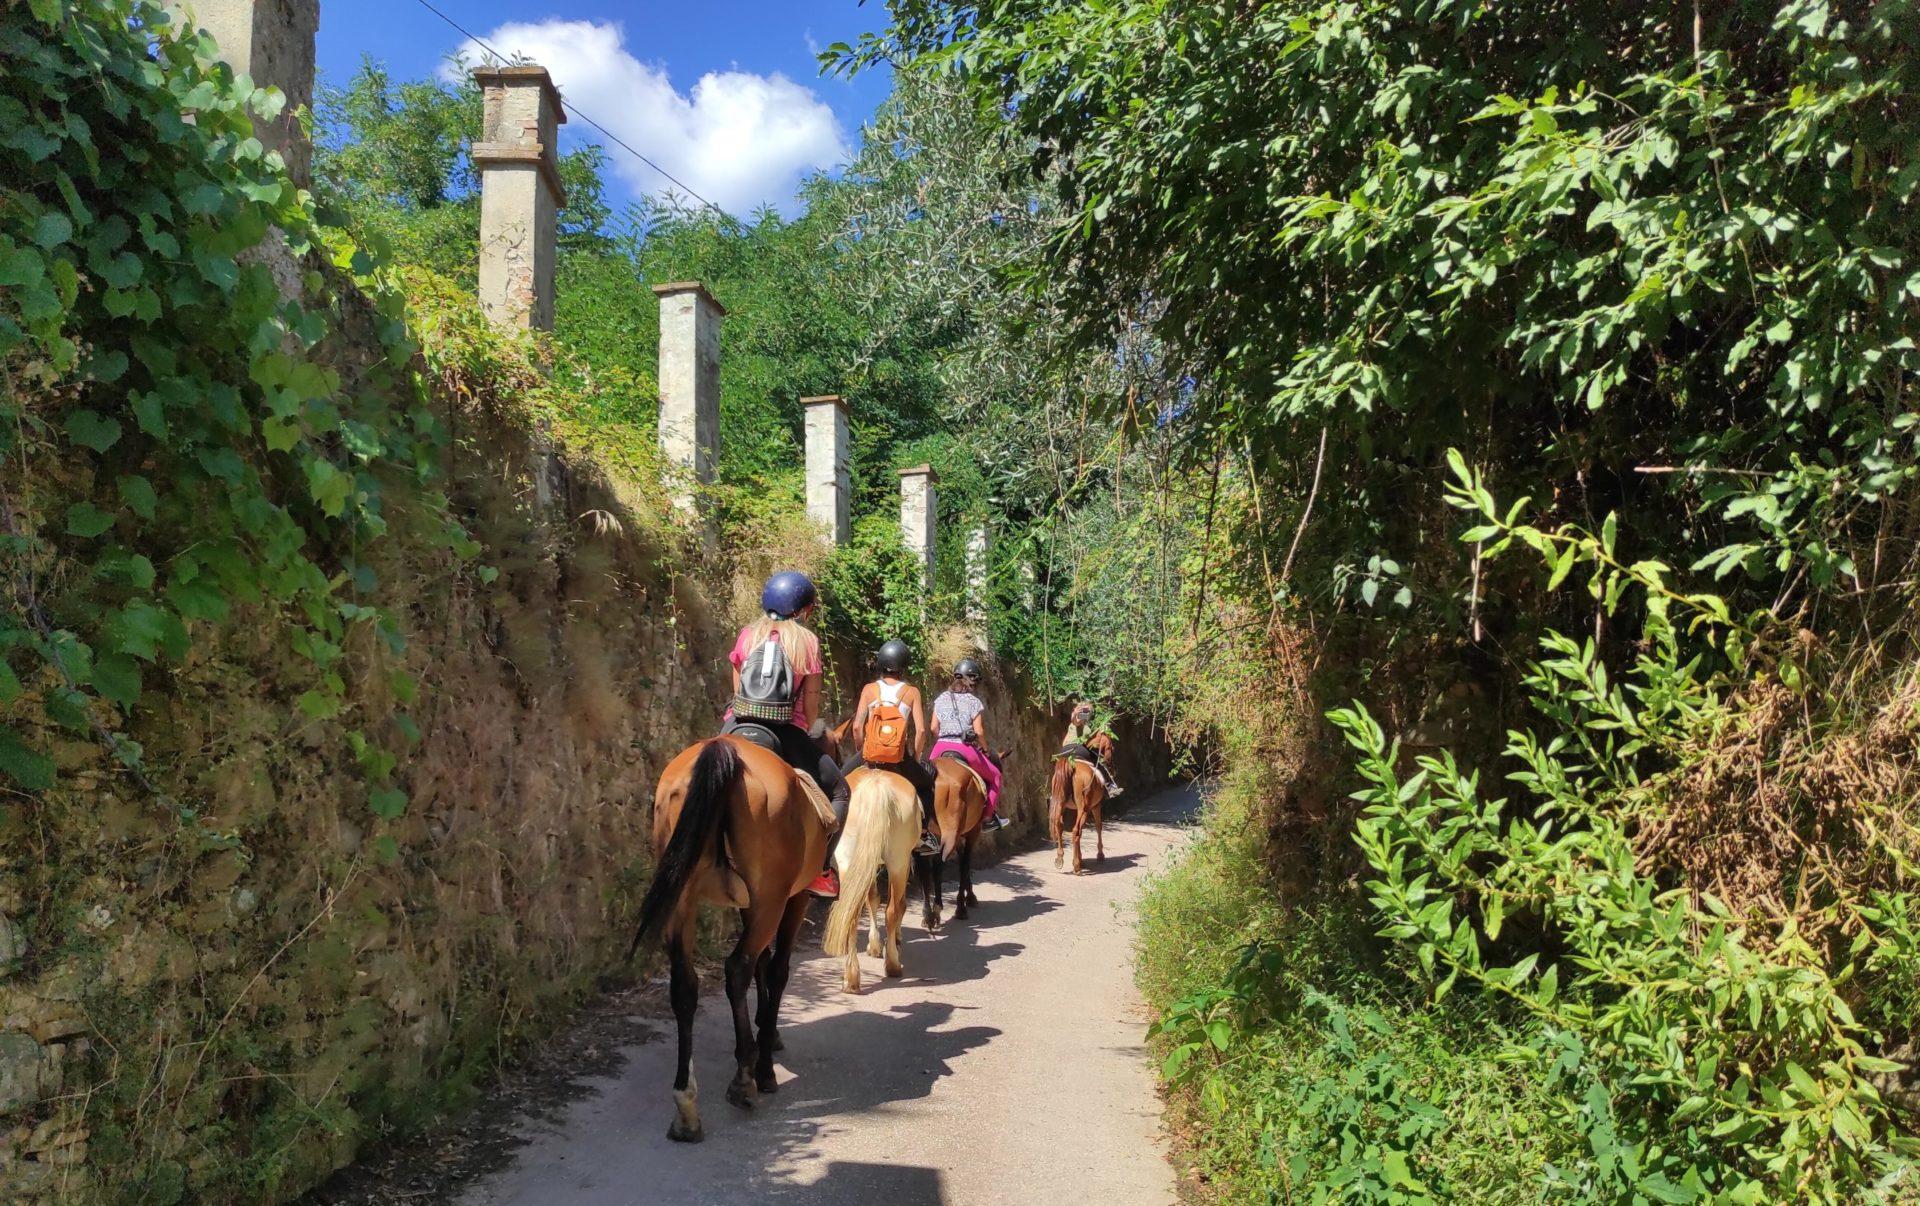 Passeggiate a cavallo Pisa